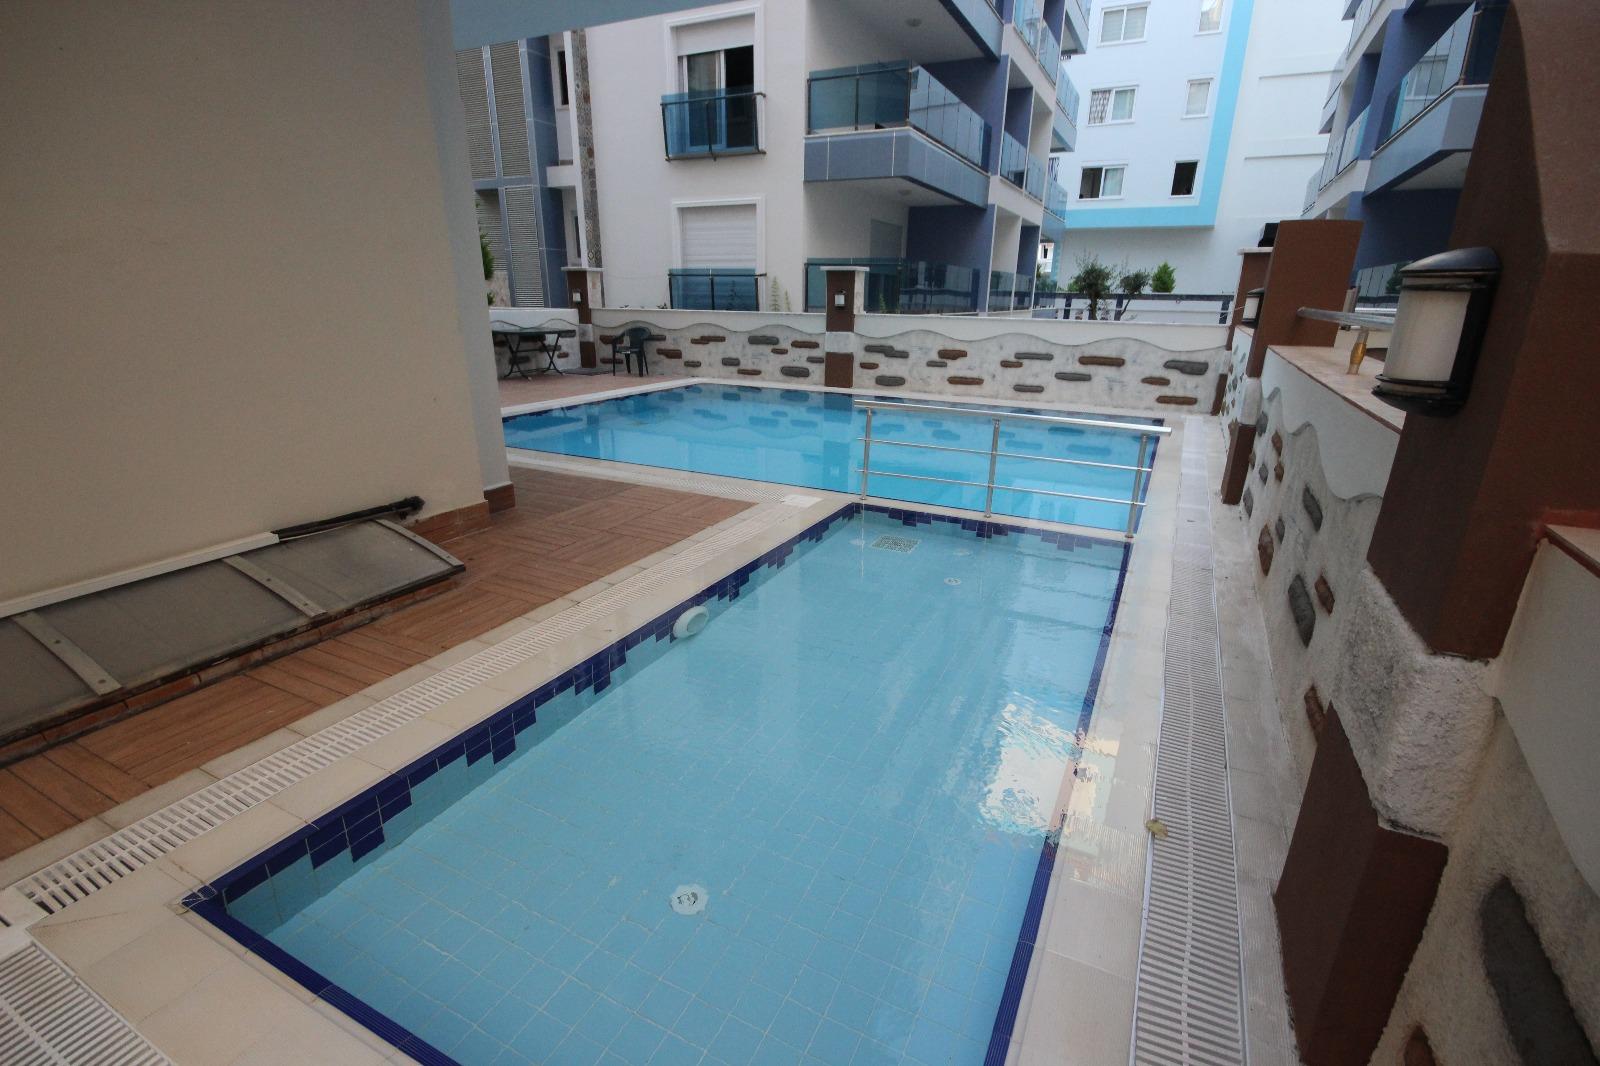 Квартира 1+1 в Махмутларе в 300 метрах от моря